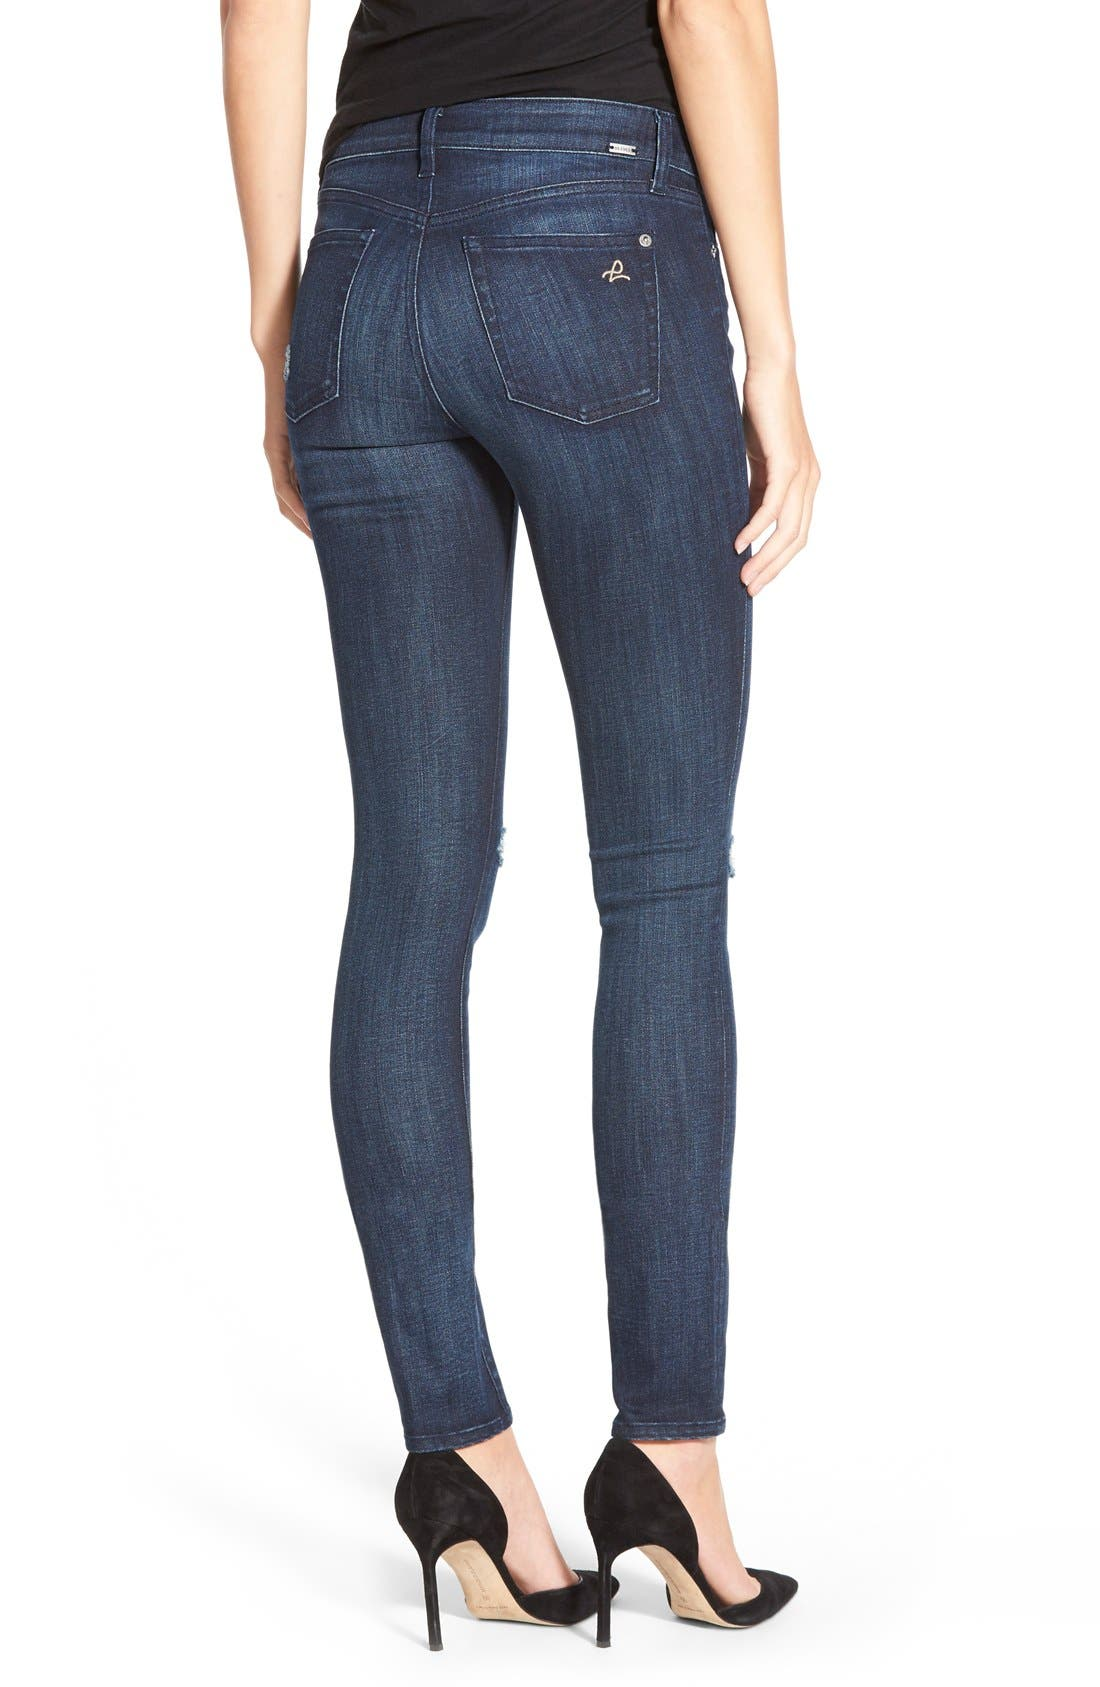 Alternate Image 2  - DL1961 'Florence' InstasculptSkinny Jeans (Vortex)